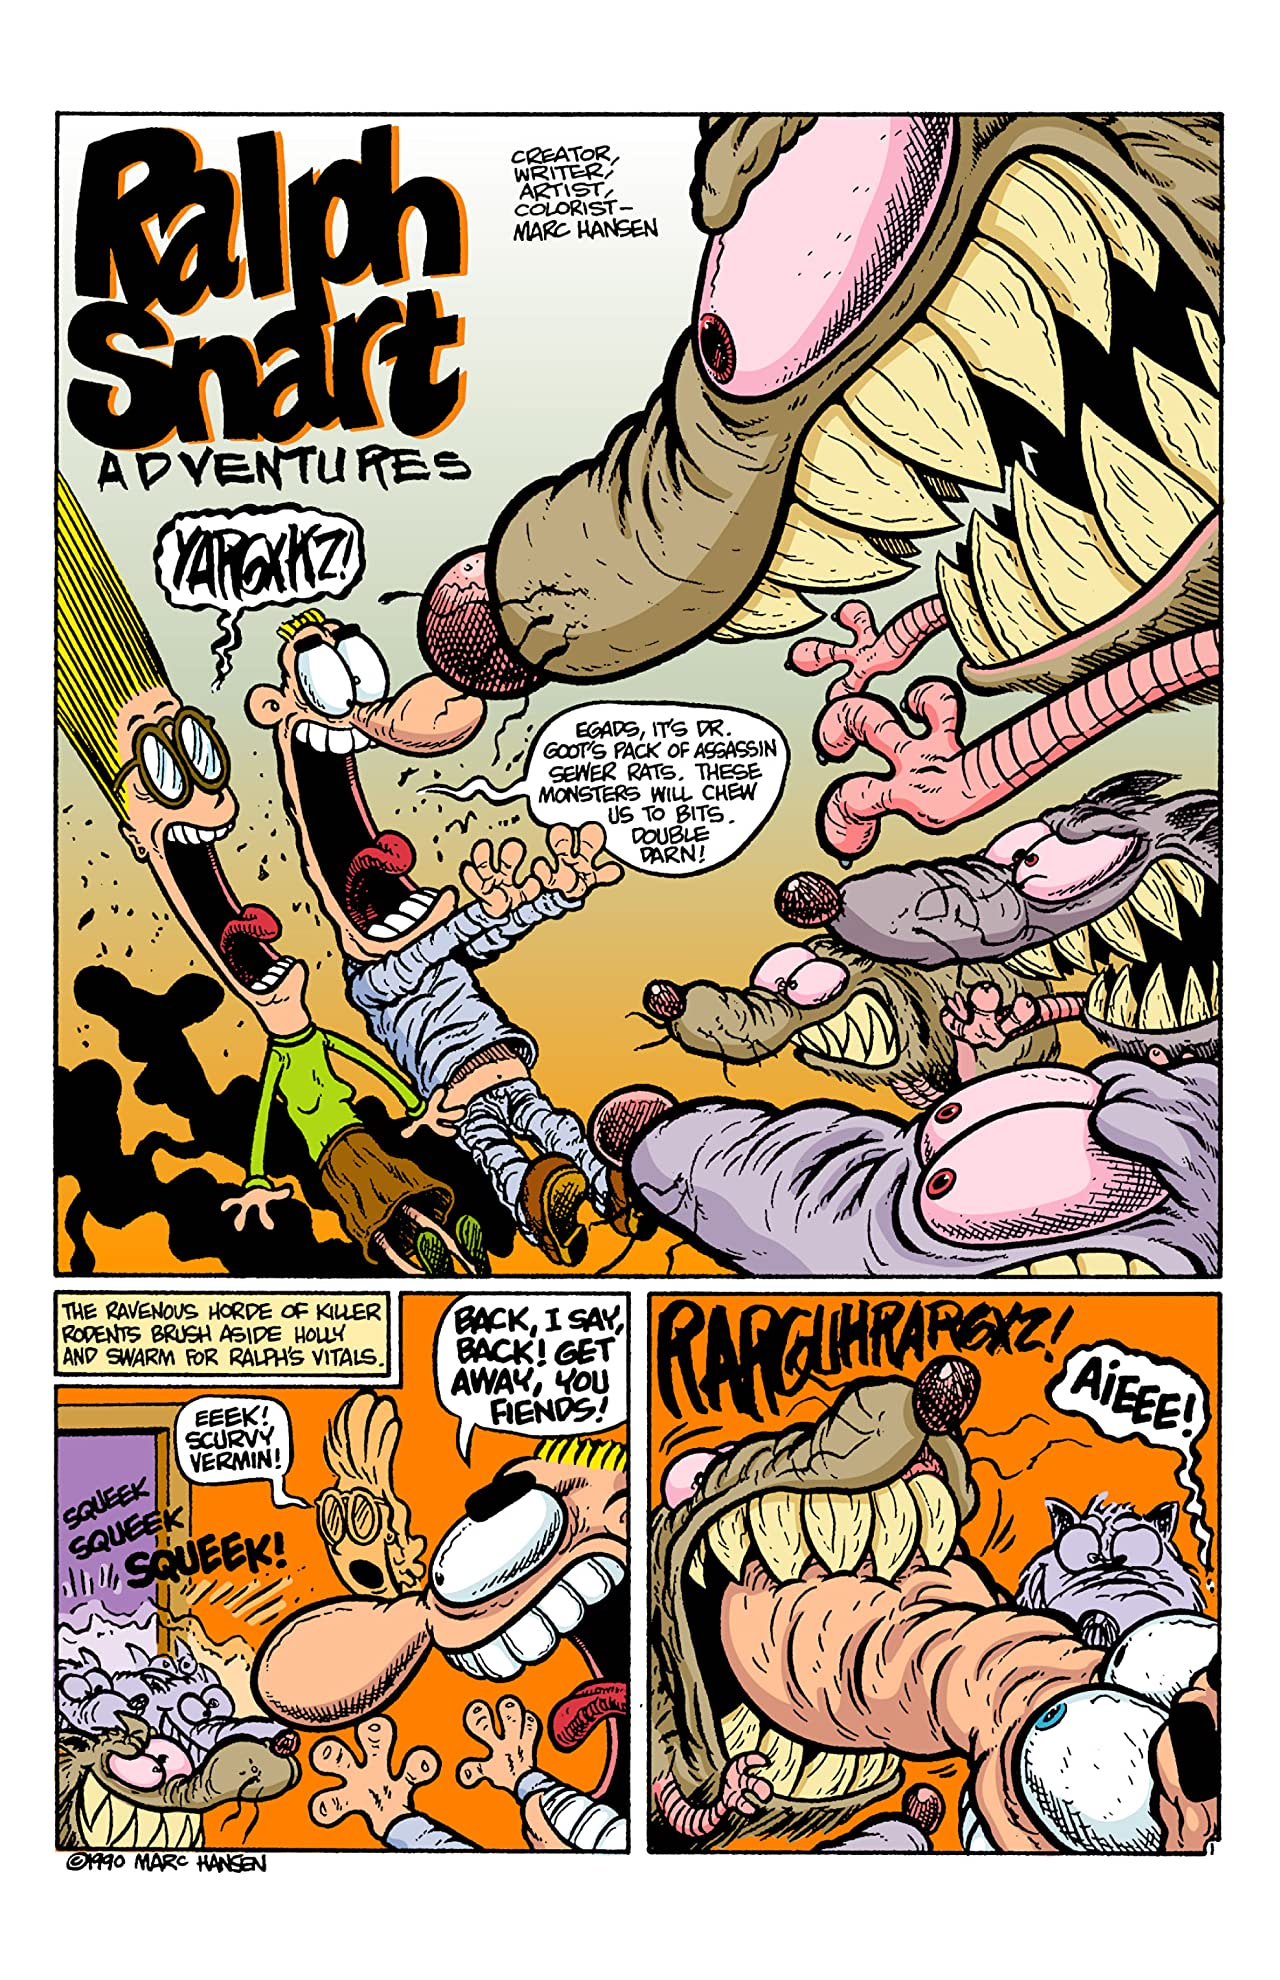 Ralph Snart Adventures #23